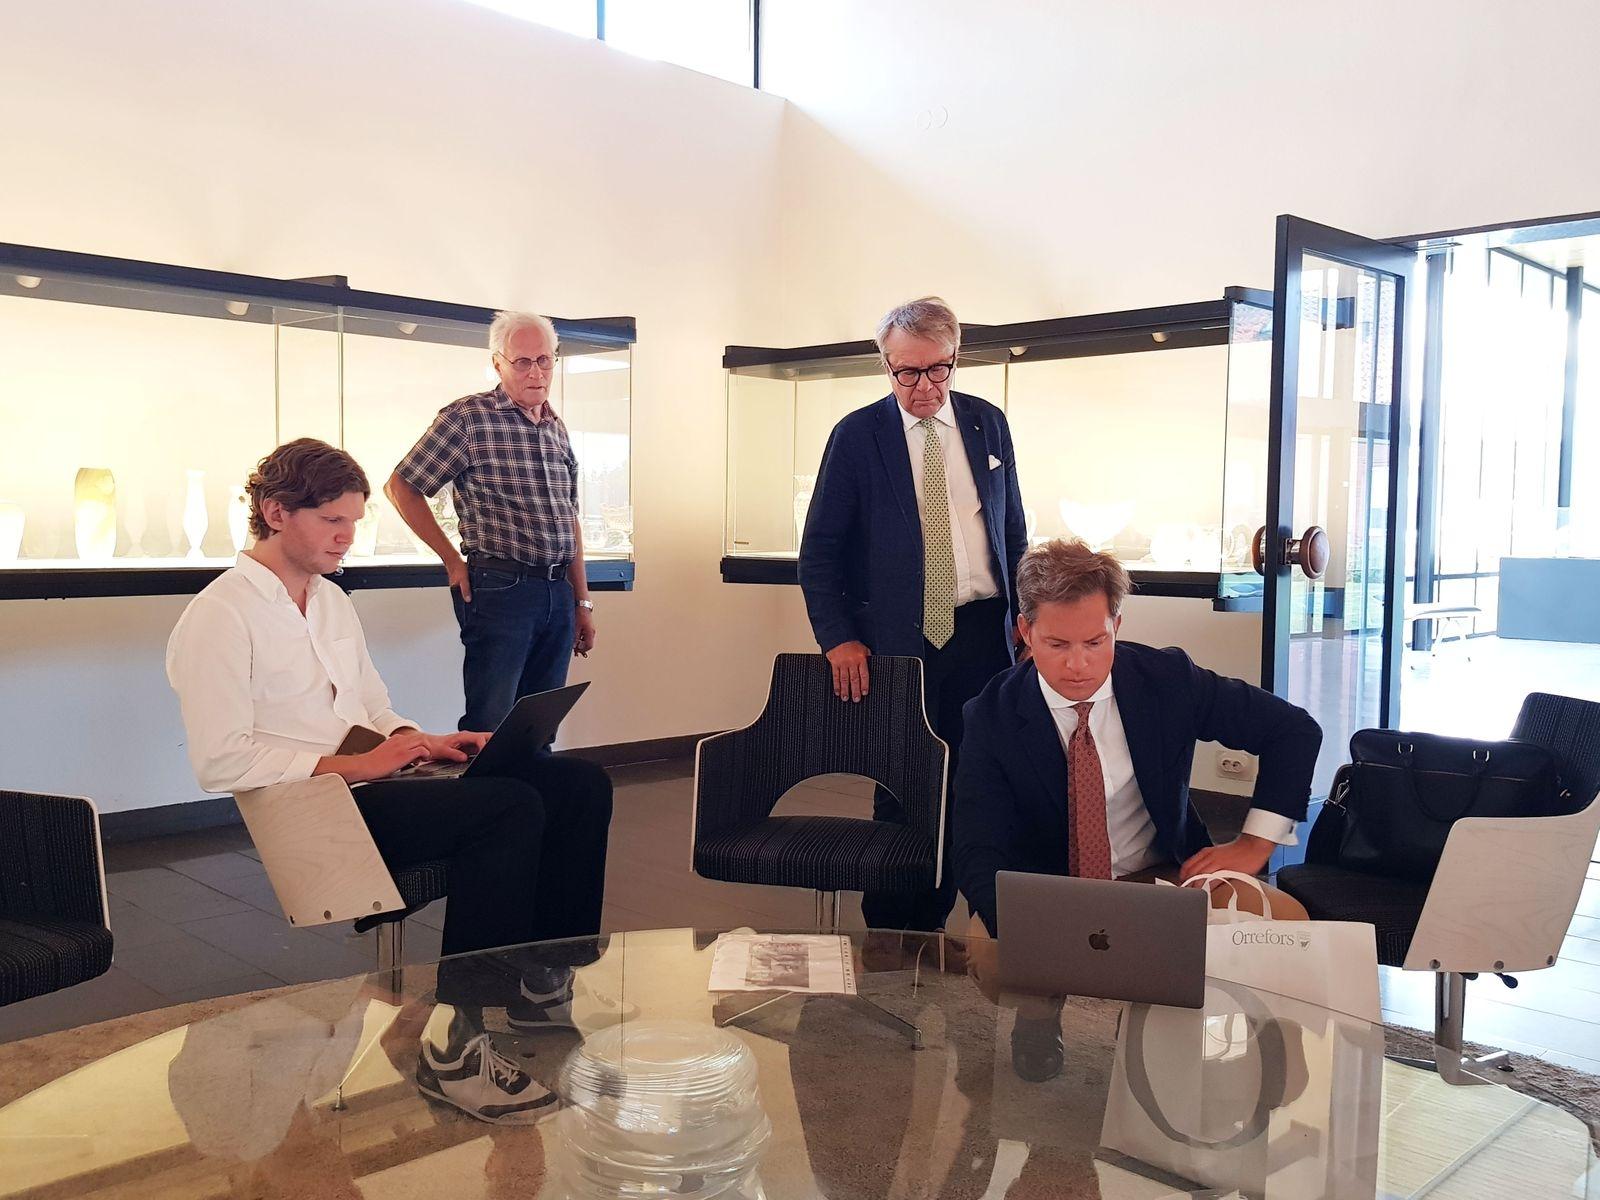 Karl Green från Uppsala Auktionskammare, Roland Larsson från Glasrikets skatter och Järngänget i Orrefors - som hjälpte till med allt det praktiska - samt Knut Knutson och Oscar Silfverhielm från Uppsala Auktionskammare.